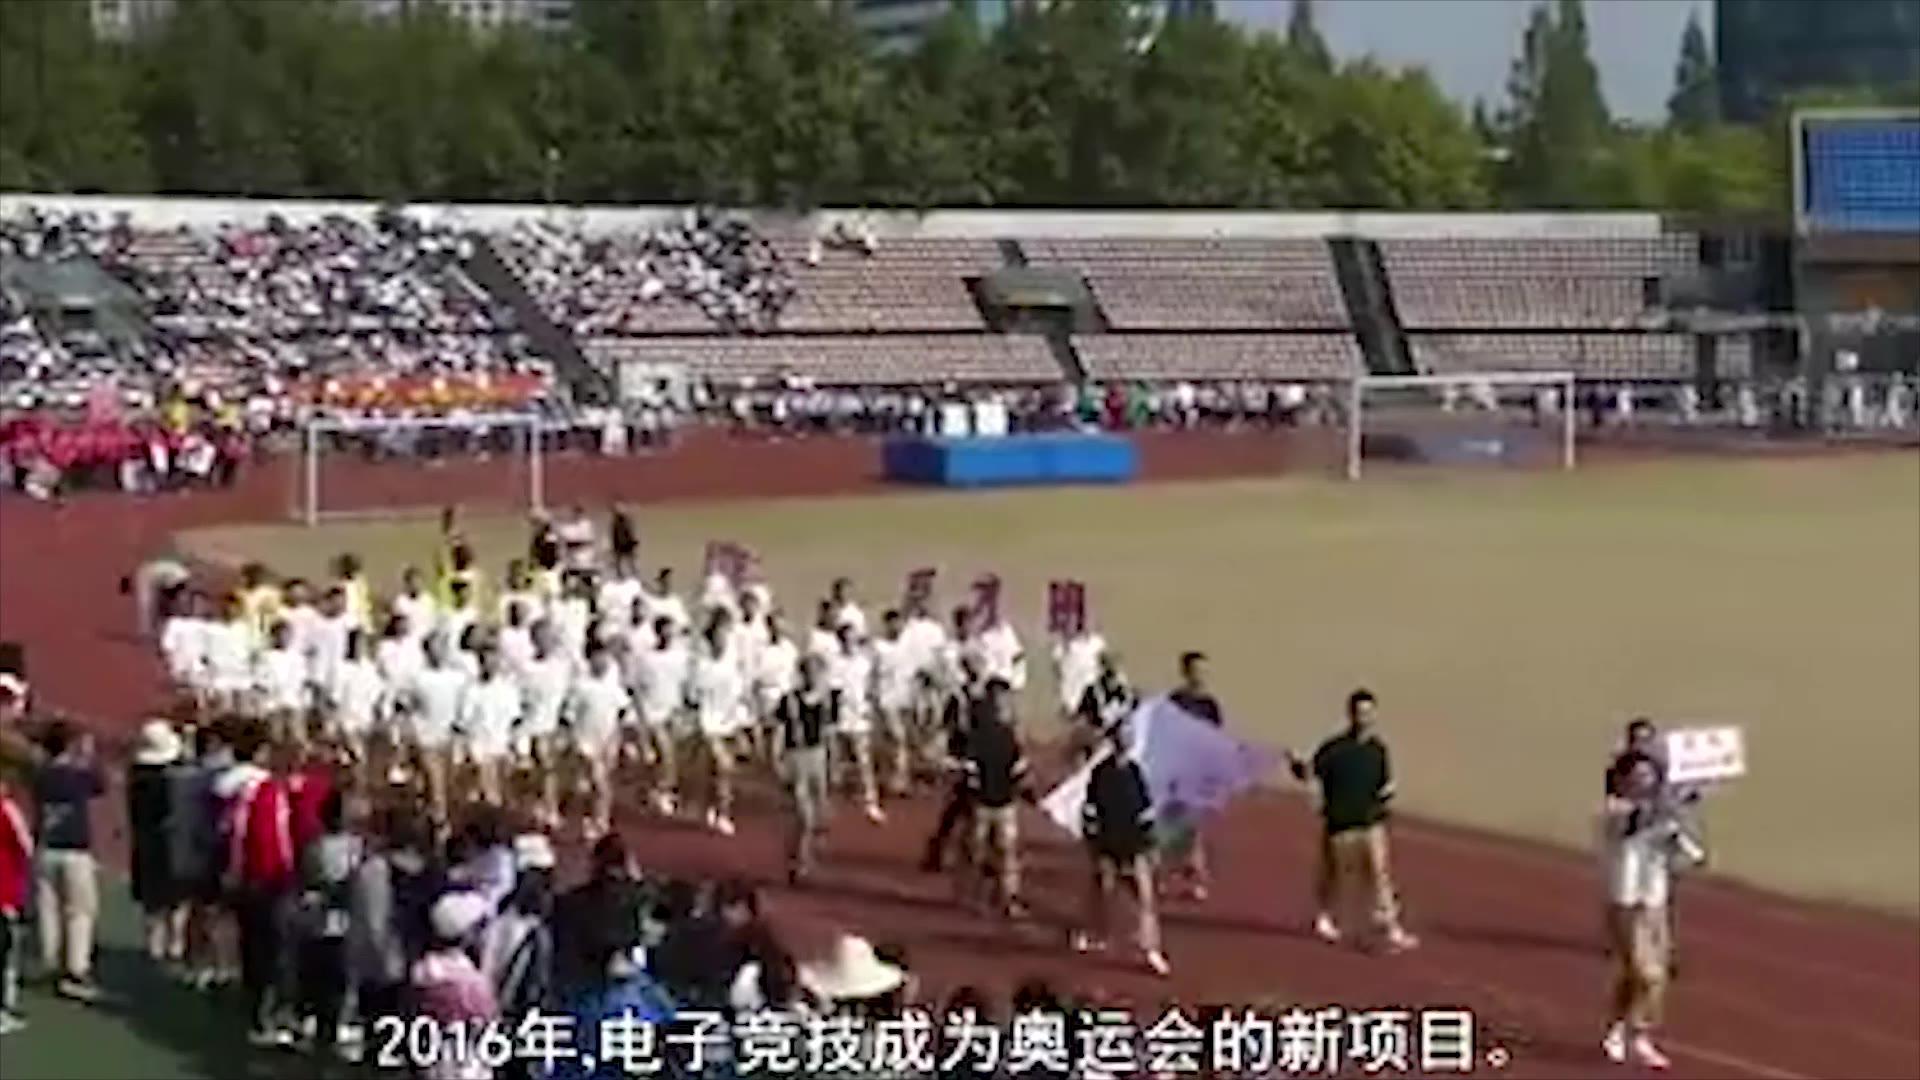 蔡徐坤作为NBA篮球大使,已经深入中小学生的运动会了